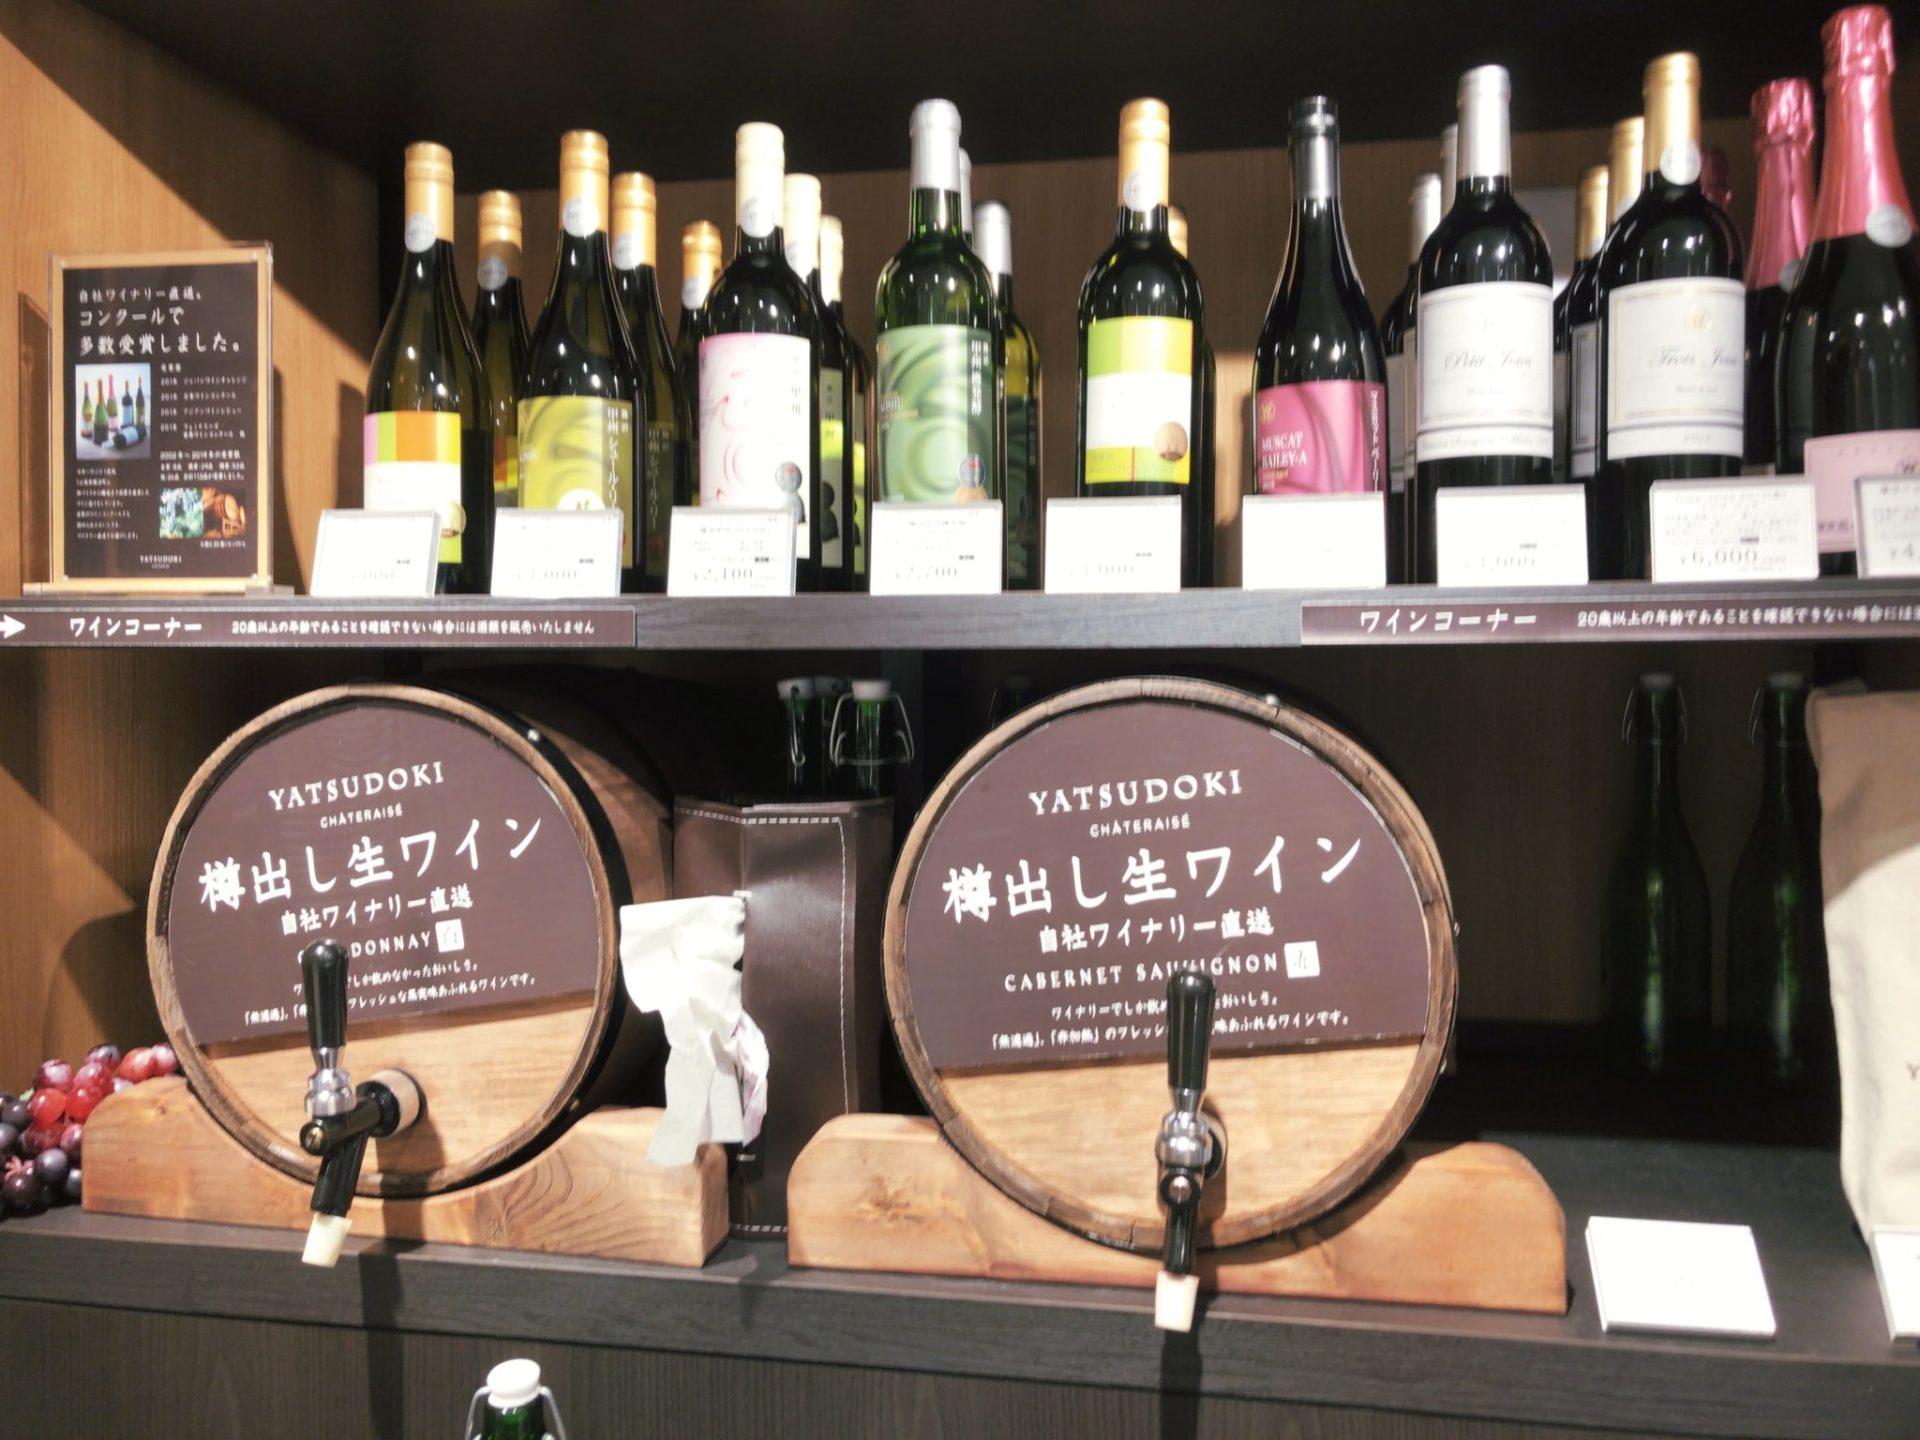 YATSUDOKI(ヤツドキ)新宿御苑店 ワイン